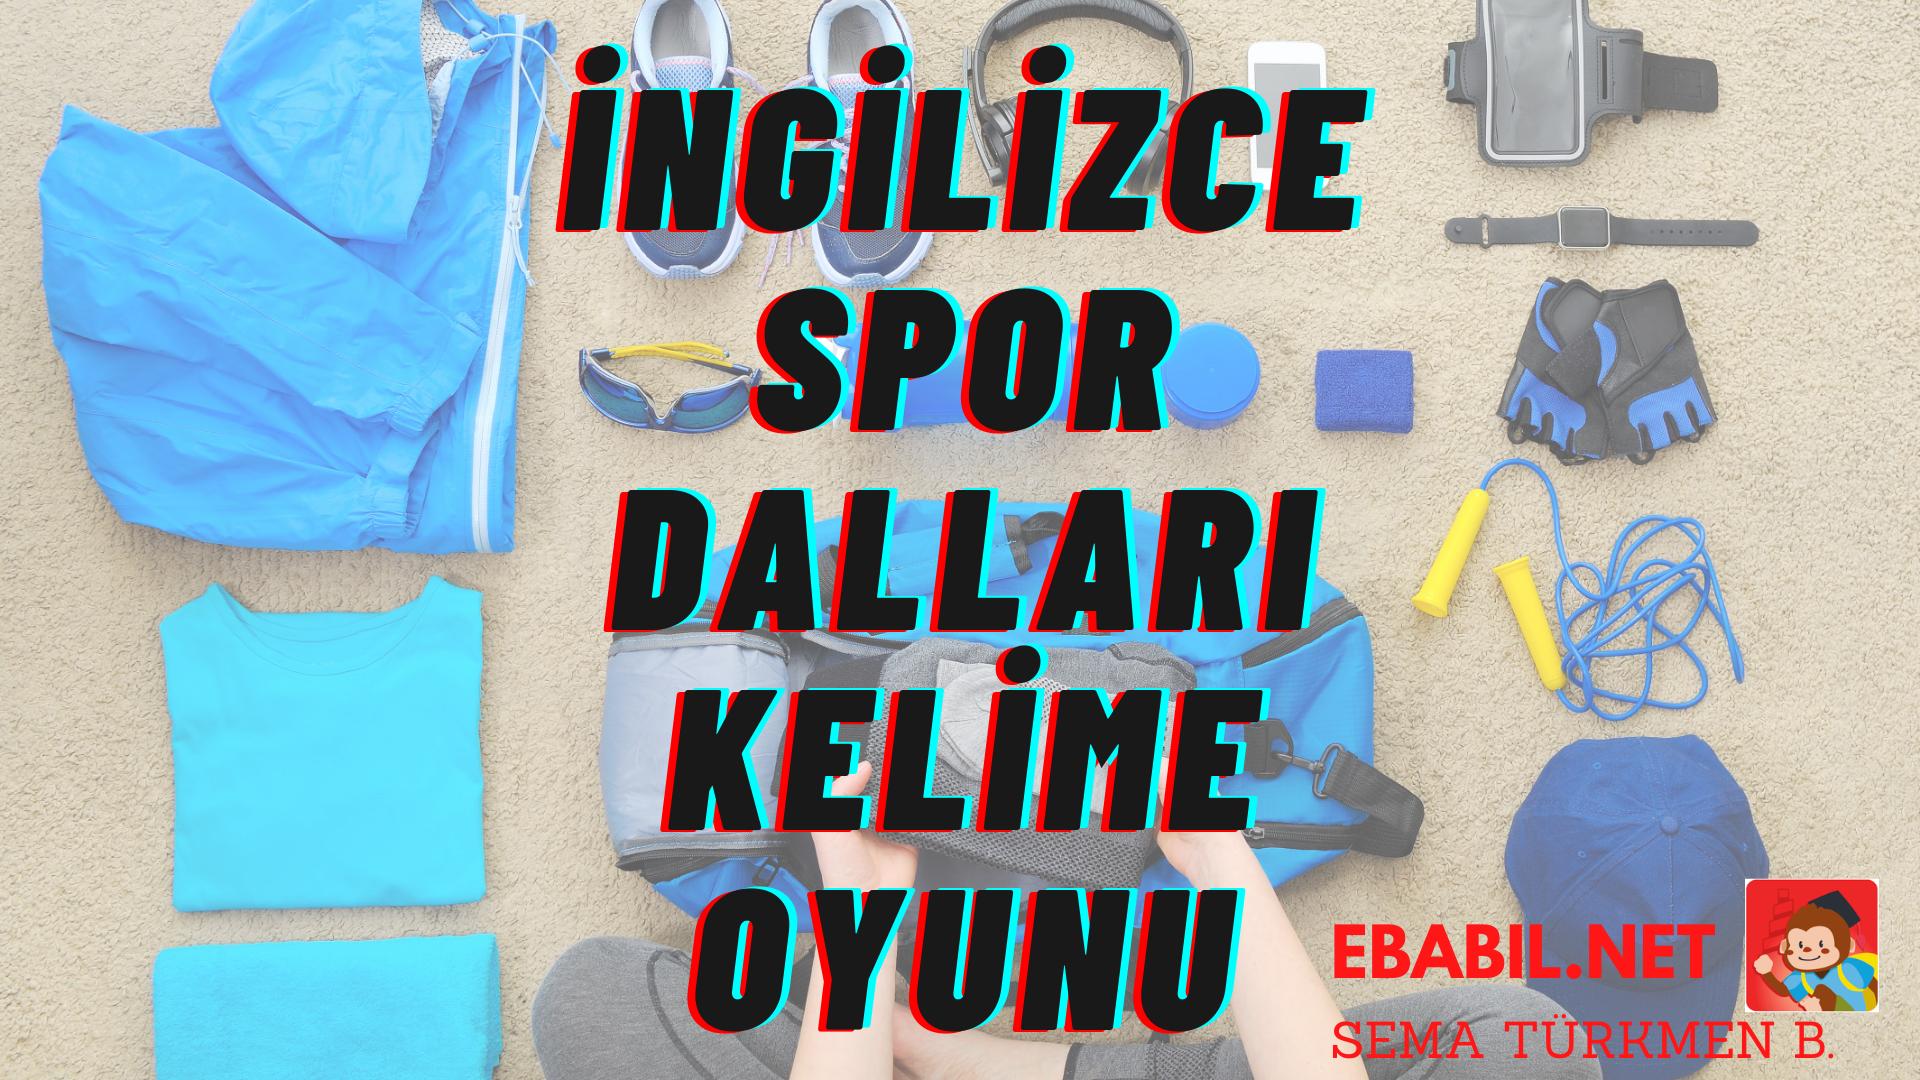 Kelime Oyunu: İngilizce Spor Dalları (Sports)